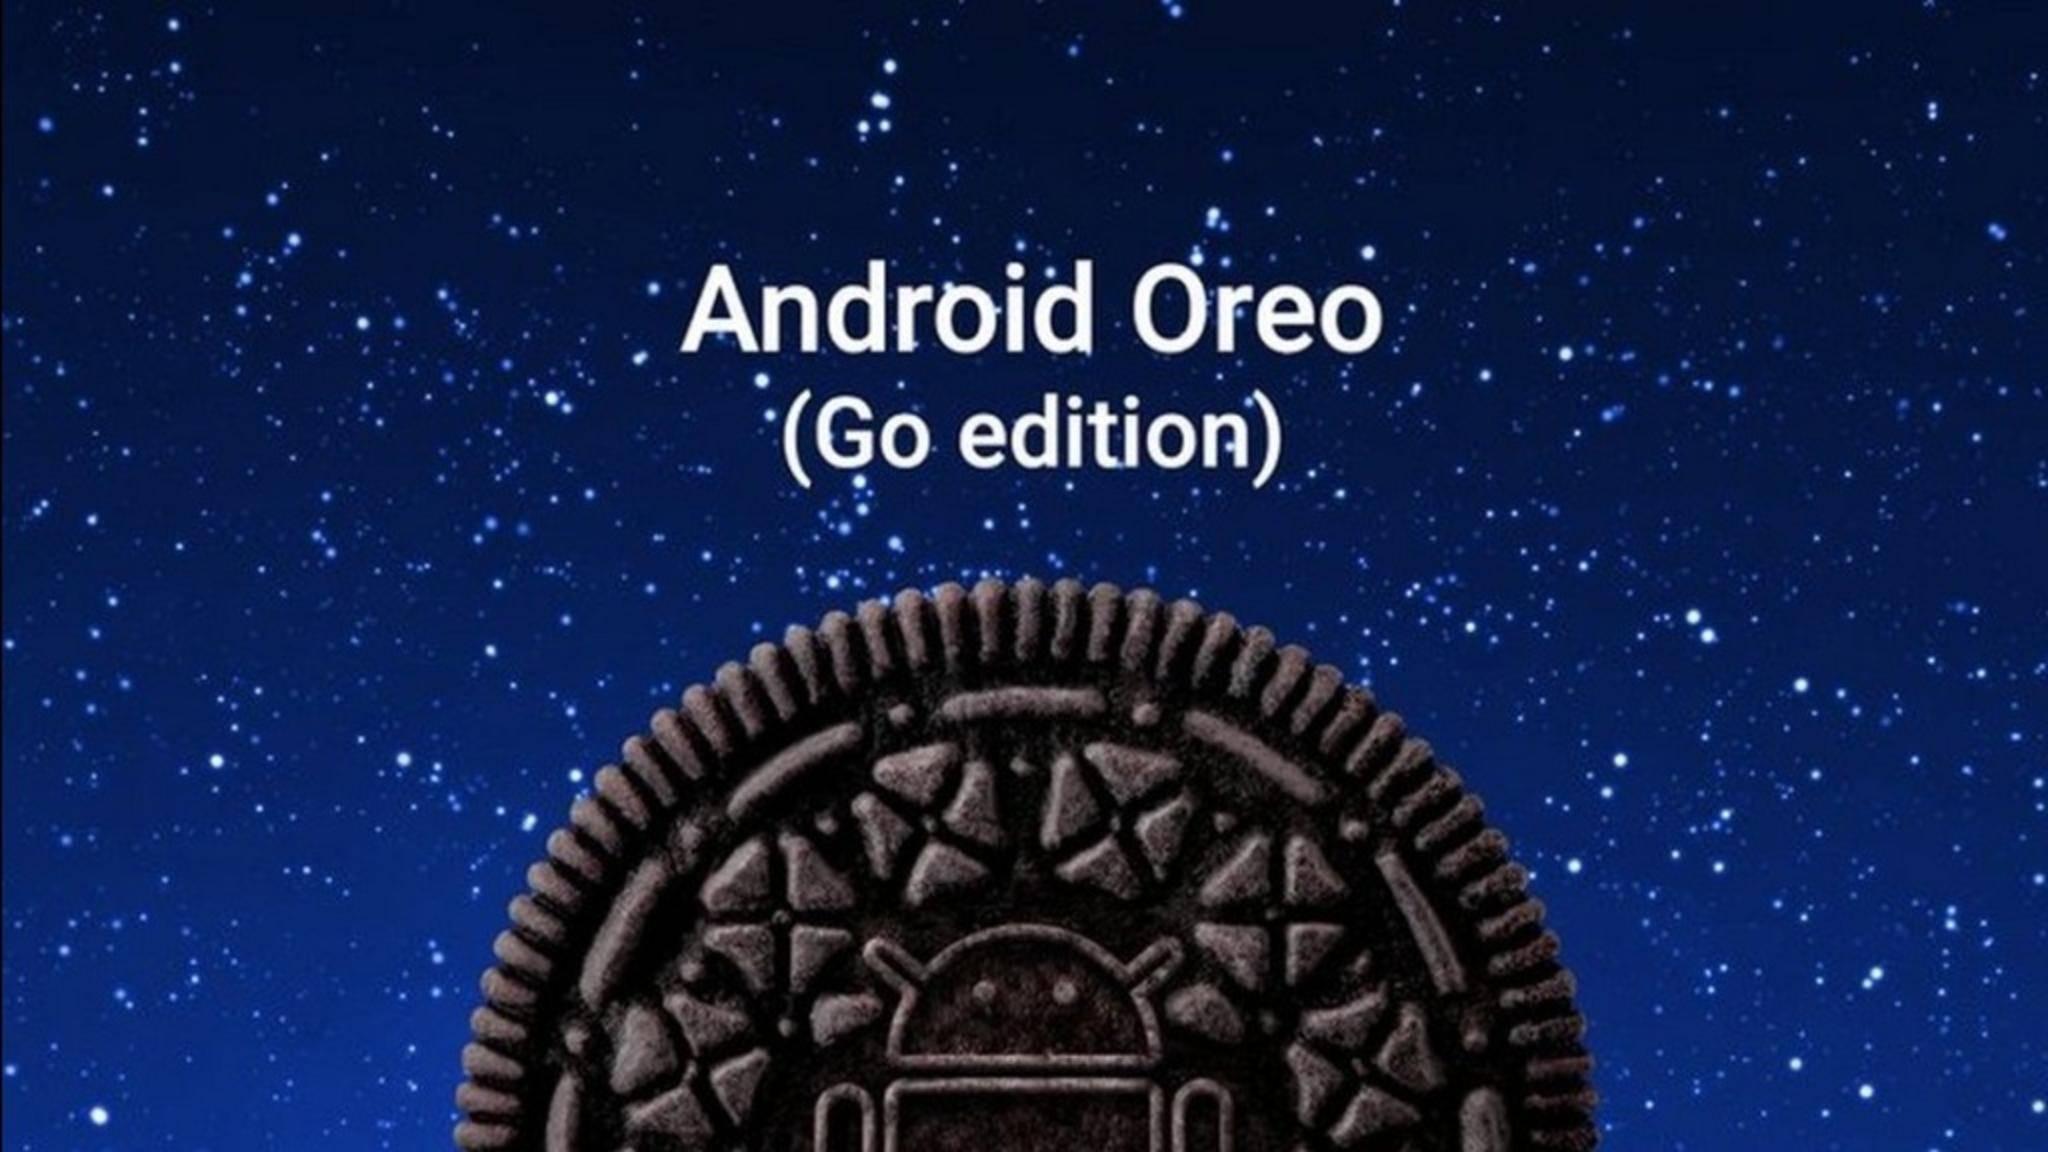 Die Go-Edition von Android Oreo ist für Einsteiger-Smartphones optimiert.